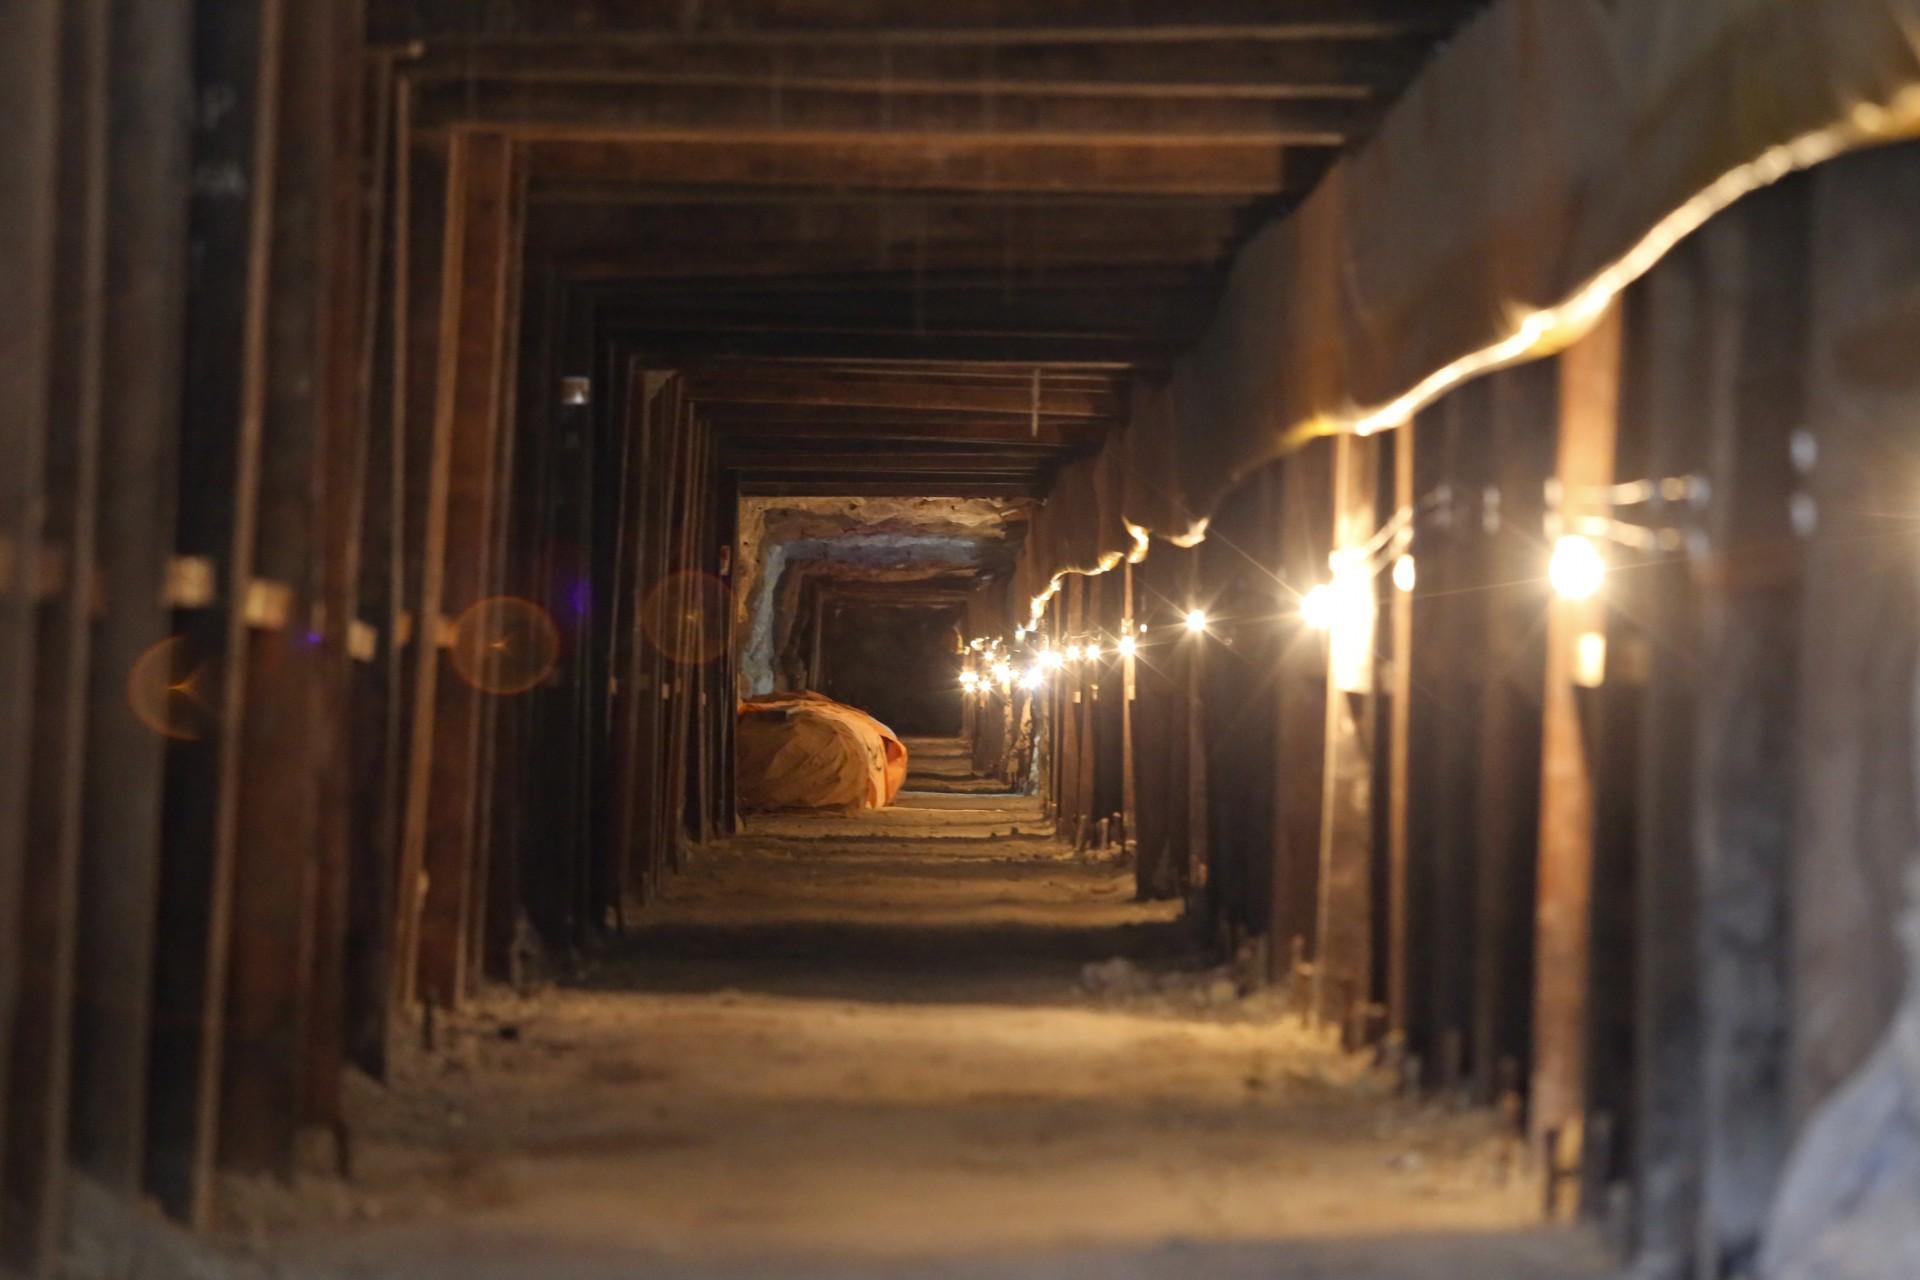 (Foto: O POVO)SANTA QUITÉRIA, CE, BRASIL, 20-07-2015: Túnel da mina de urânio e fosfato de Itataia. Mina de urânio (minério) em Santa Quitéria. (Foto: Fábio Lima/O POVO)